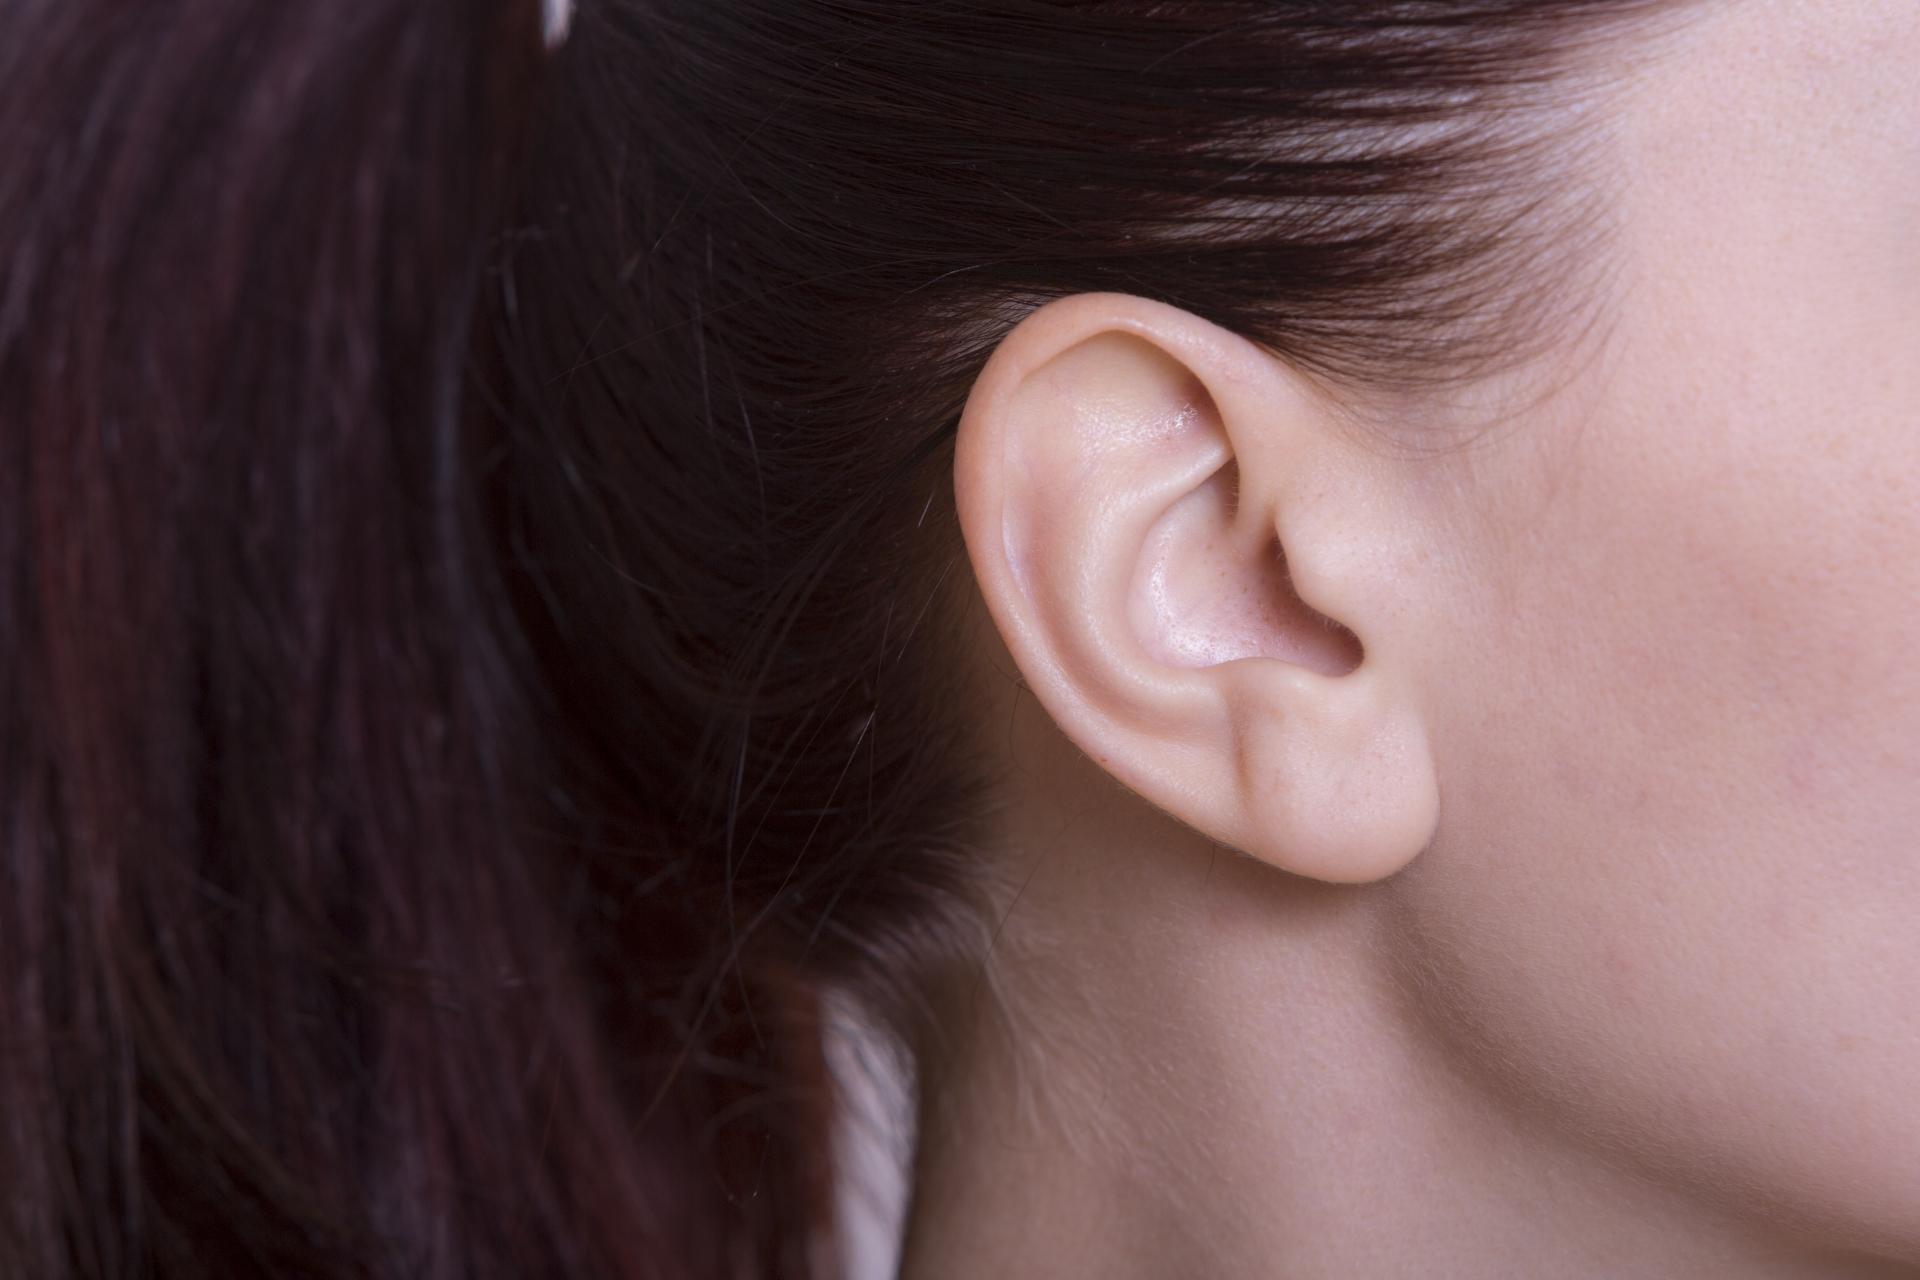 耳毛のムダ毛処理の方法とは?脱毛方別にメリット・デメリットを紹介